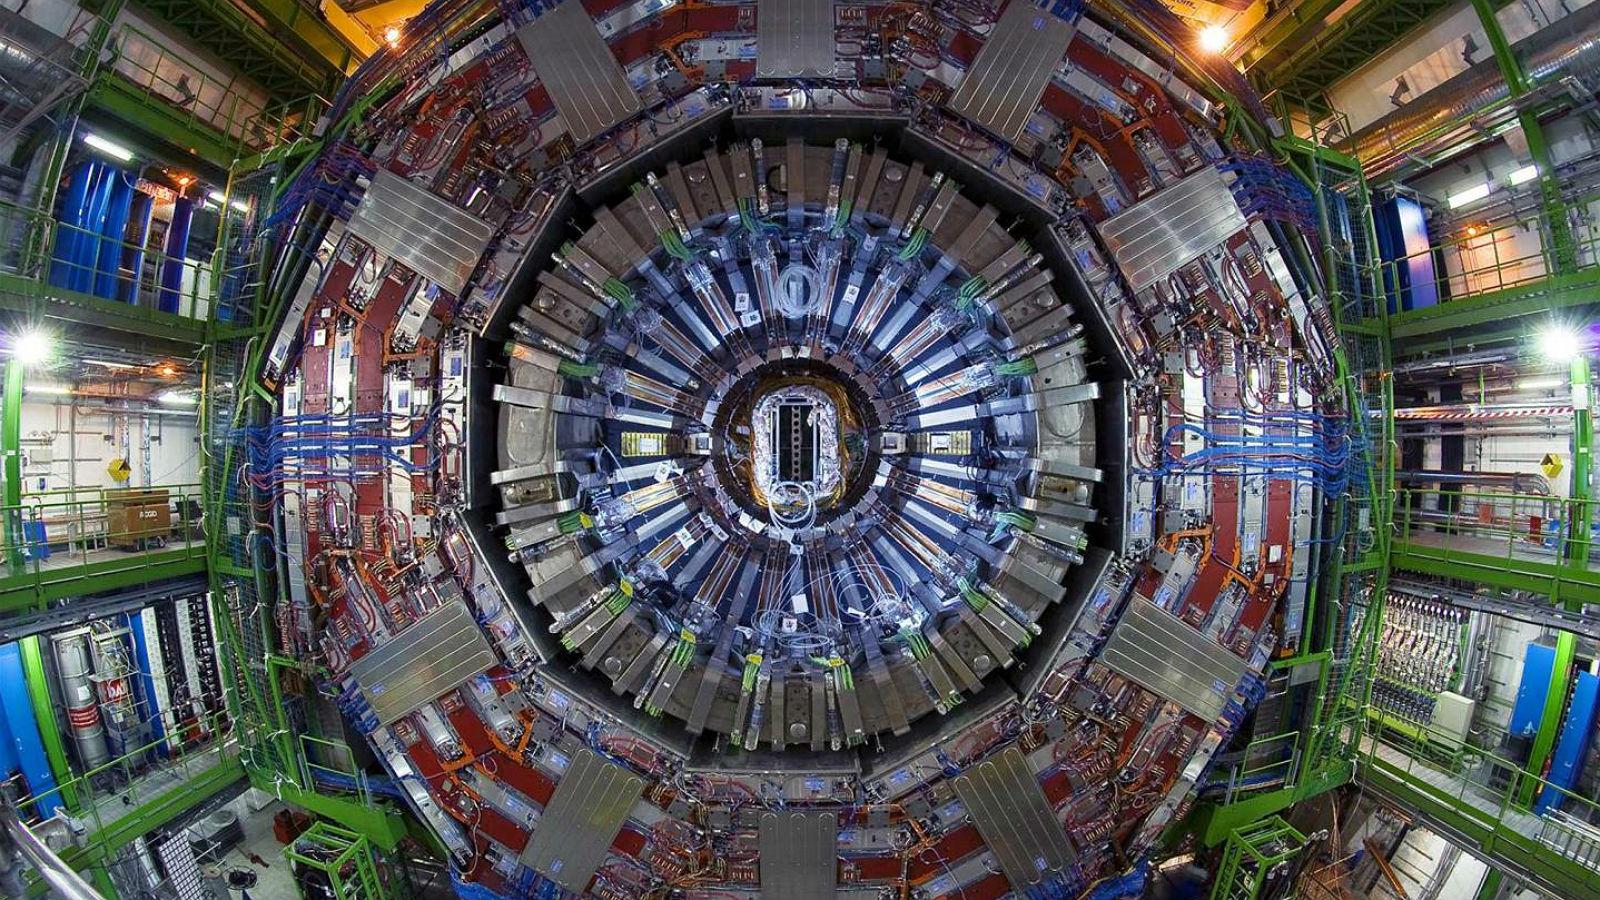 """Ein gewaltiger Detektor im CERN. In der Anlage werden Teilchen auf annähernd Lichtgeschwindigkeit beschleunigt und dann zur Kollision gebracht, was mit diesen Detektoren beobachtet wird. Die """"Zusammenstöße"""" geben Aufschluss über weitere Partikel wie etwa das berühmte Higgs-Teilchen. Bild: Maximilien Brice/CERN"""